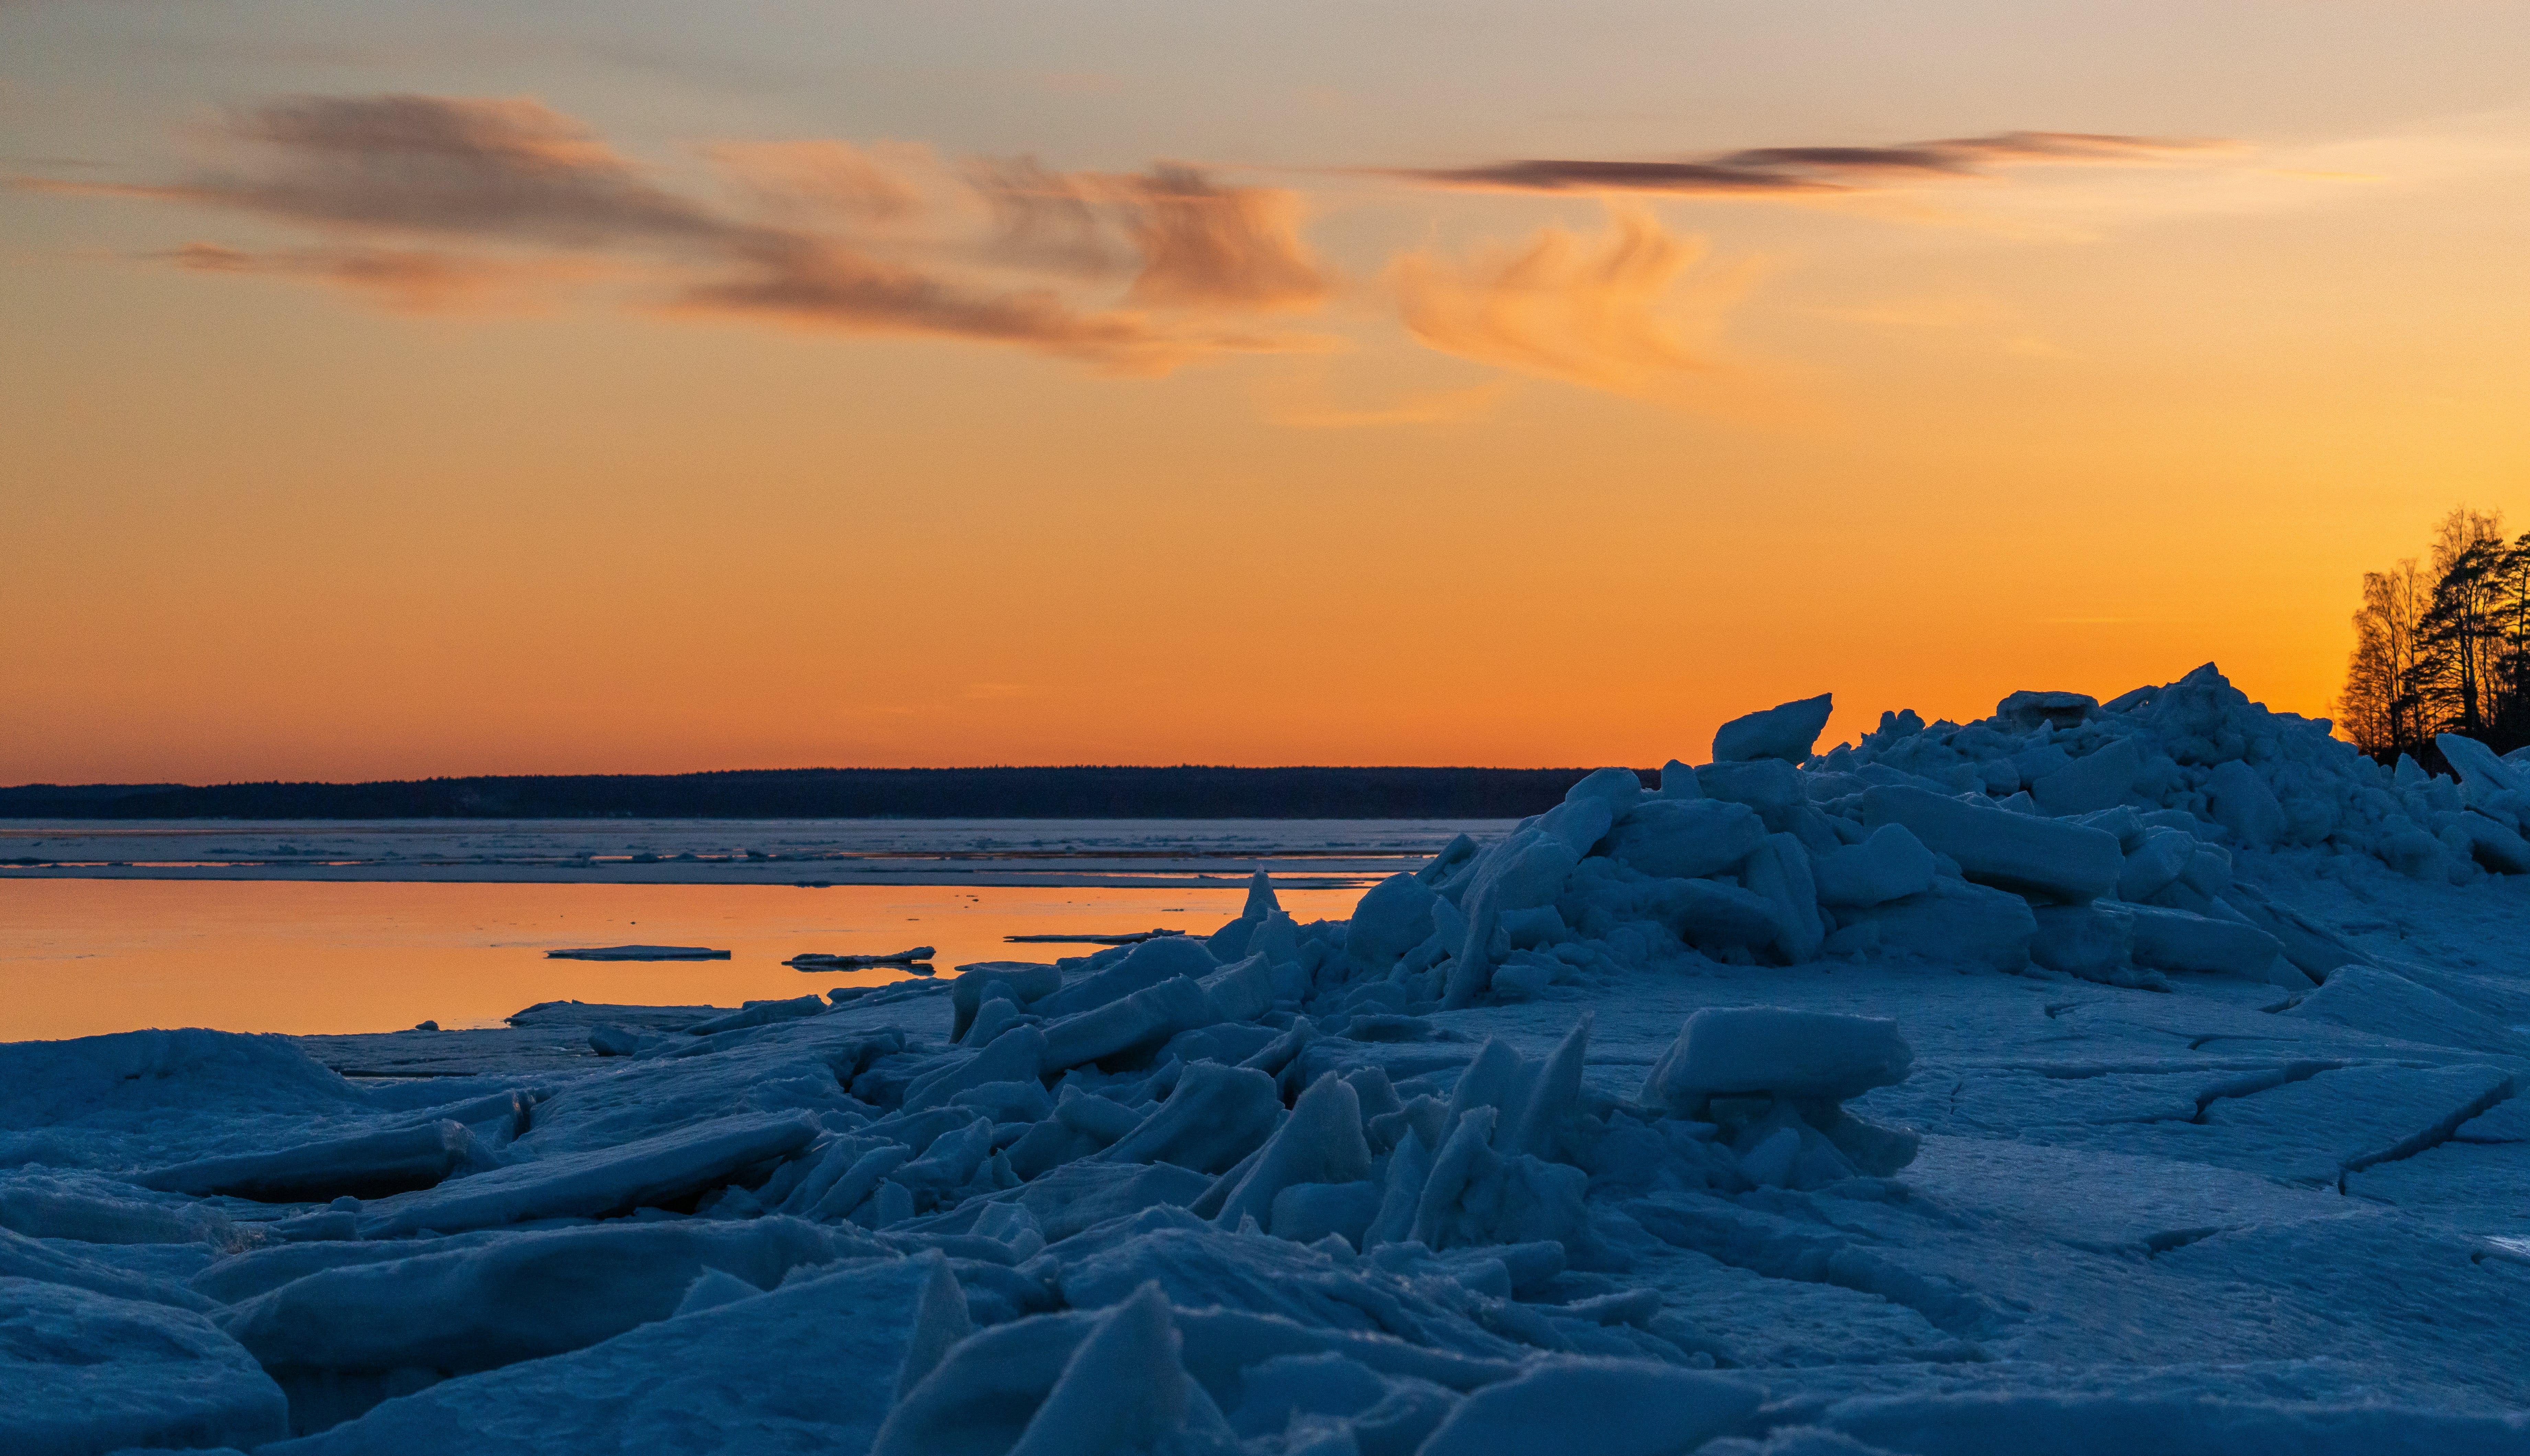 冰, 天空, 日落, 景觀 的 免費圖庫相片